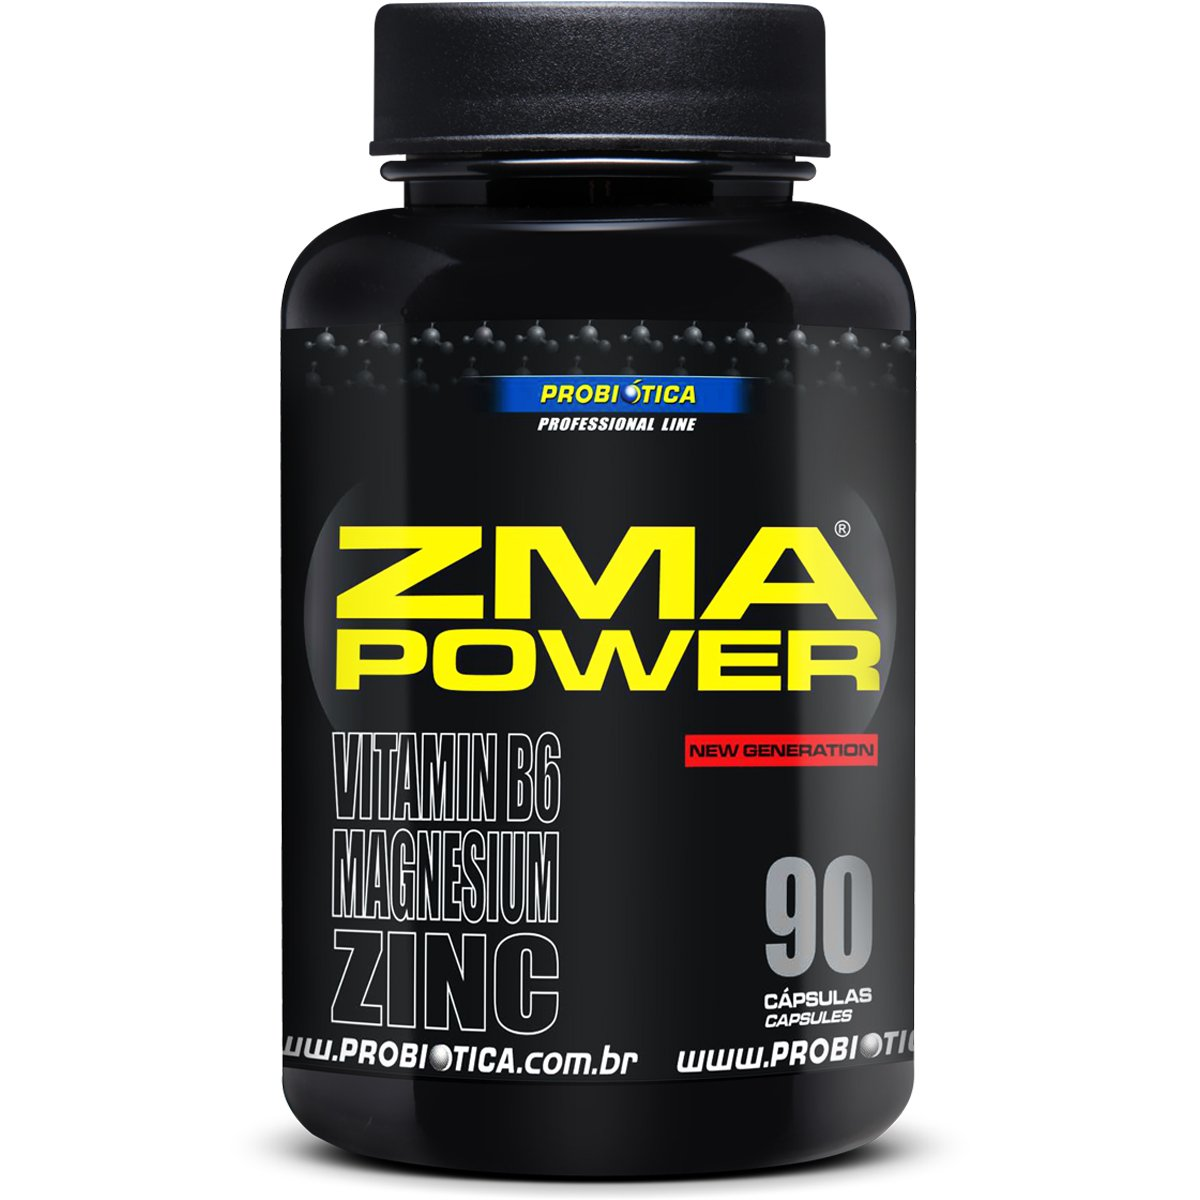 TopWay Suplementos - Zma Power - 90 Capsulas - Probiotica